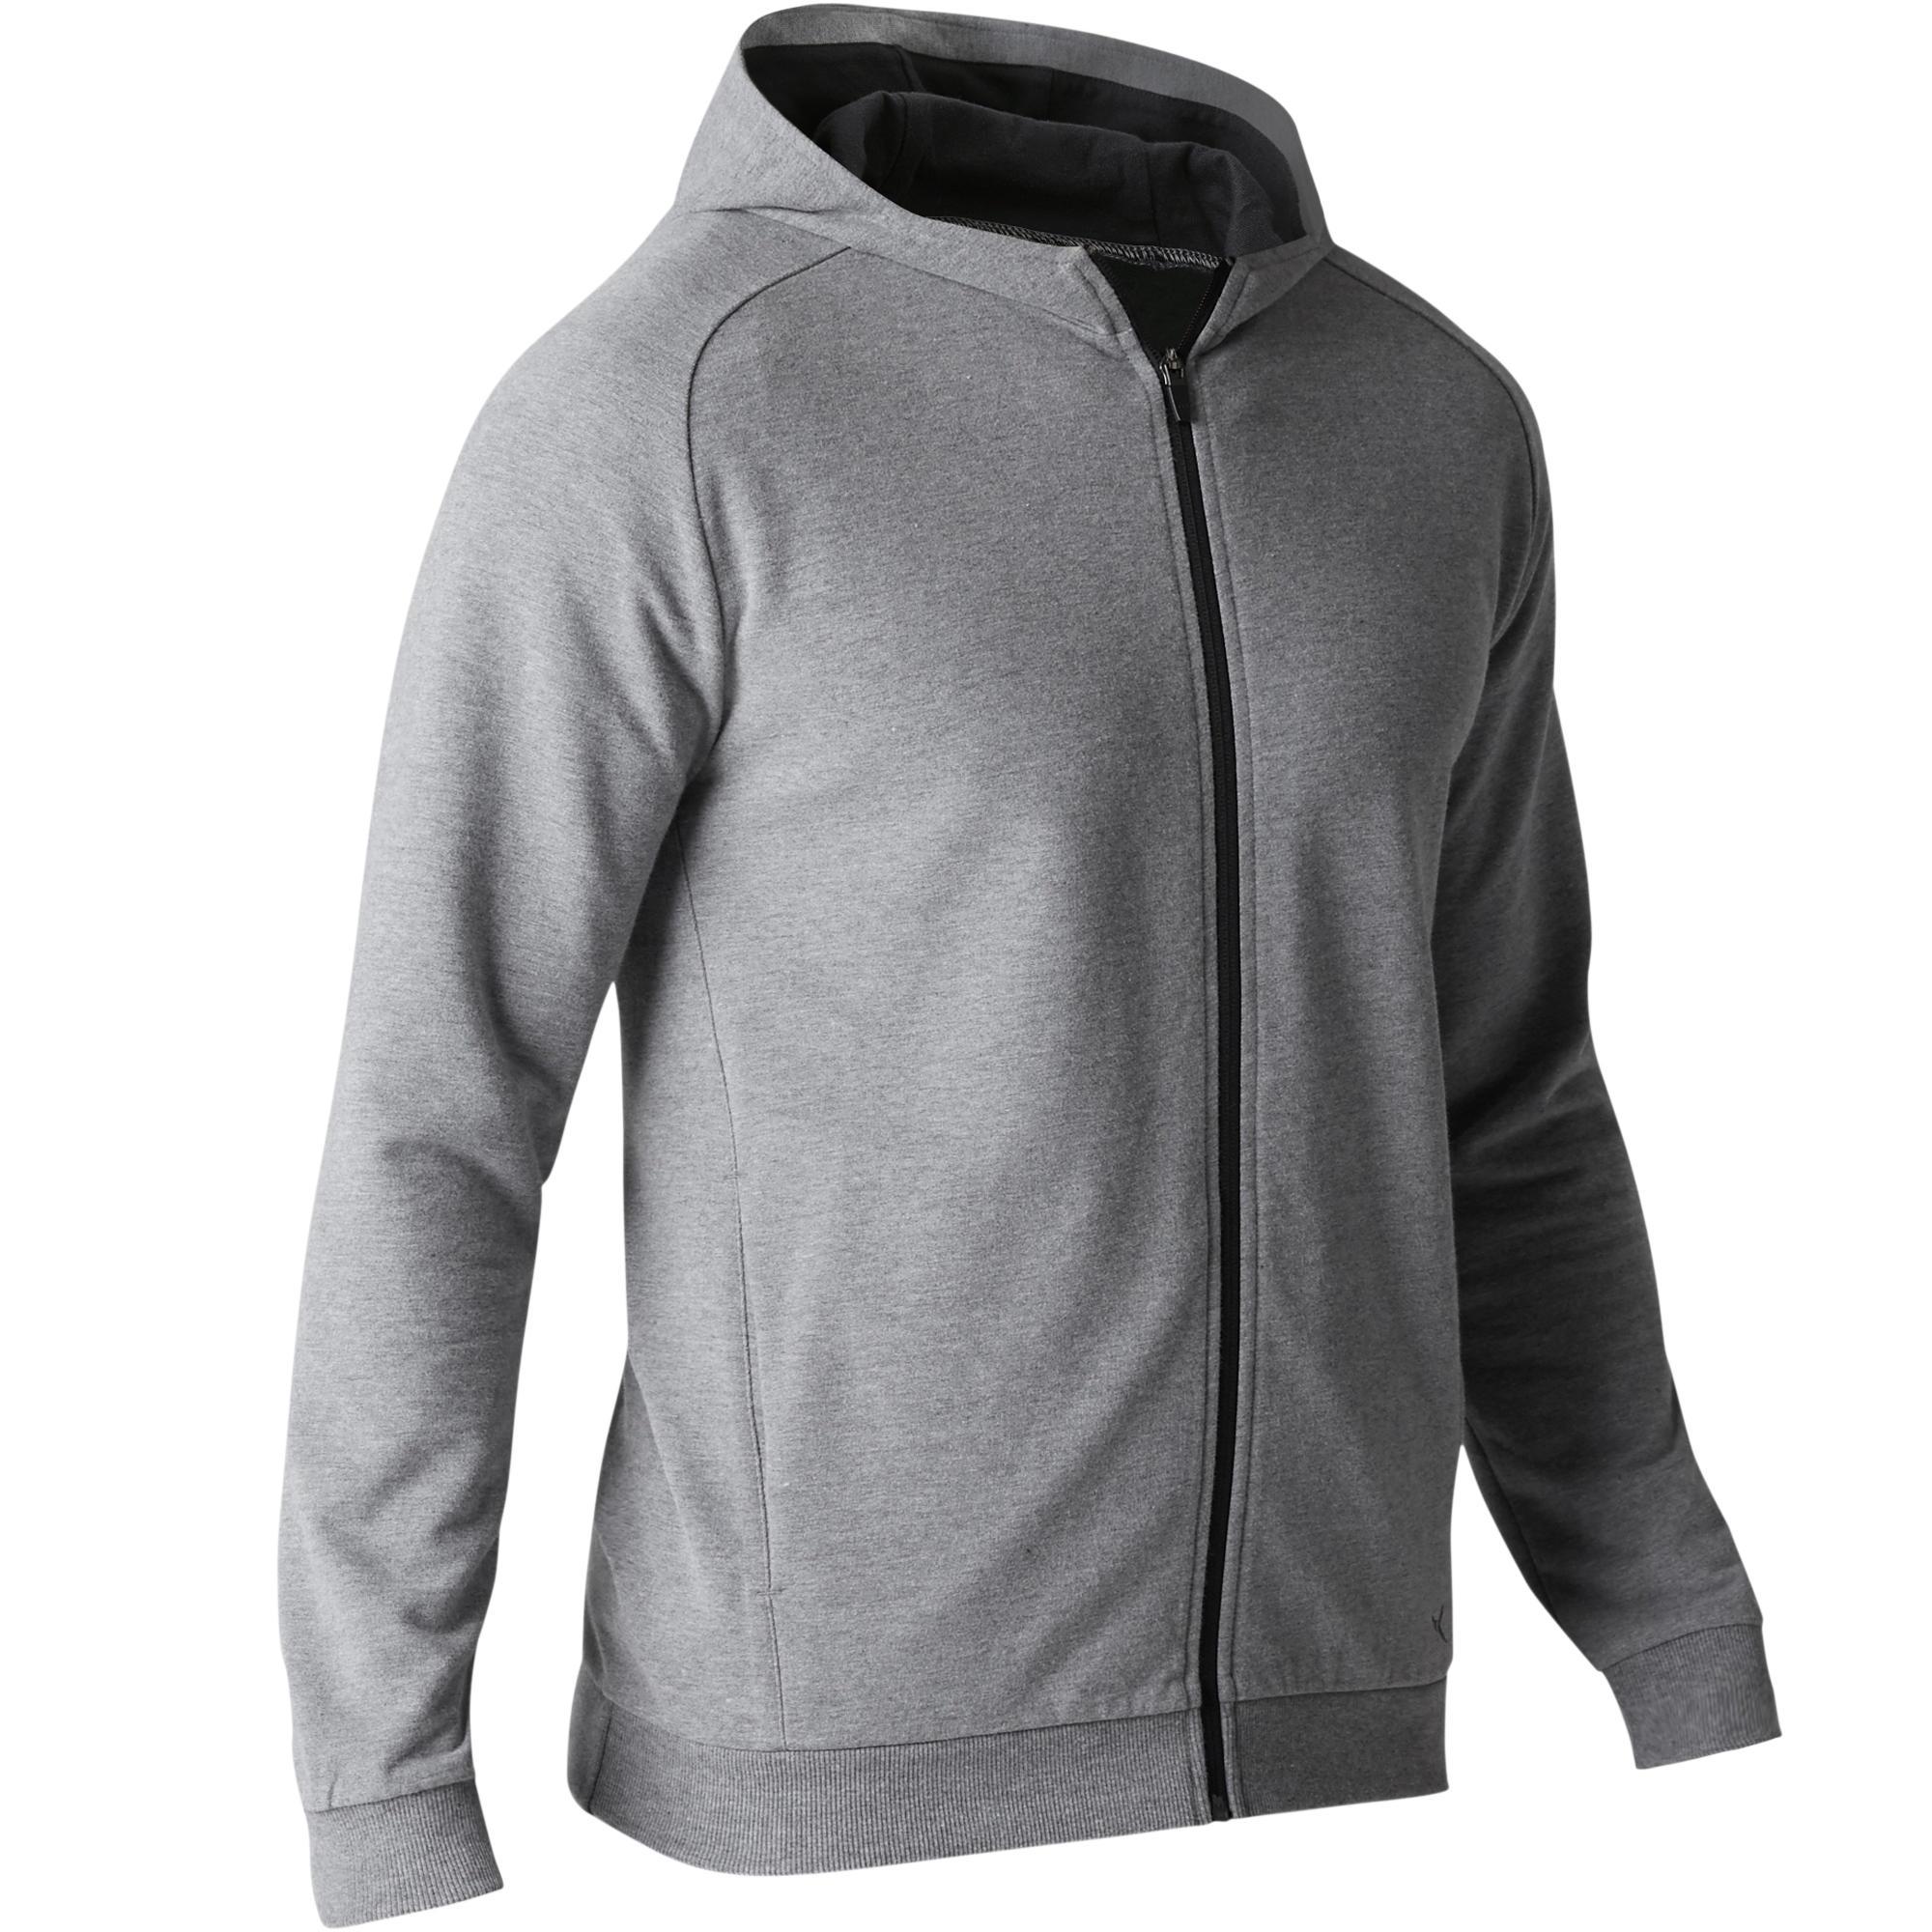 Veste 500 capuche gymnastique d'étirement homme gris clair